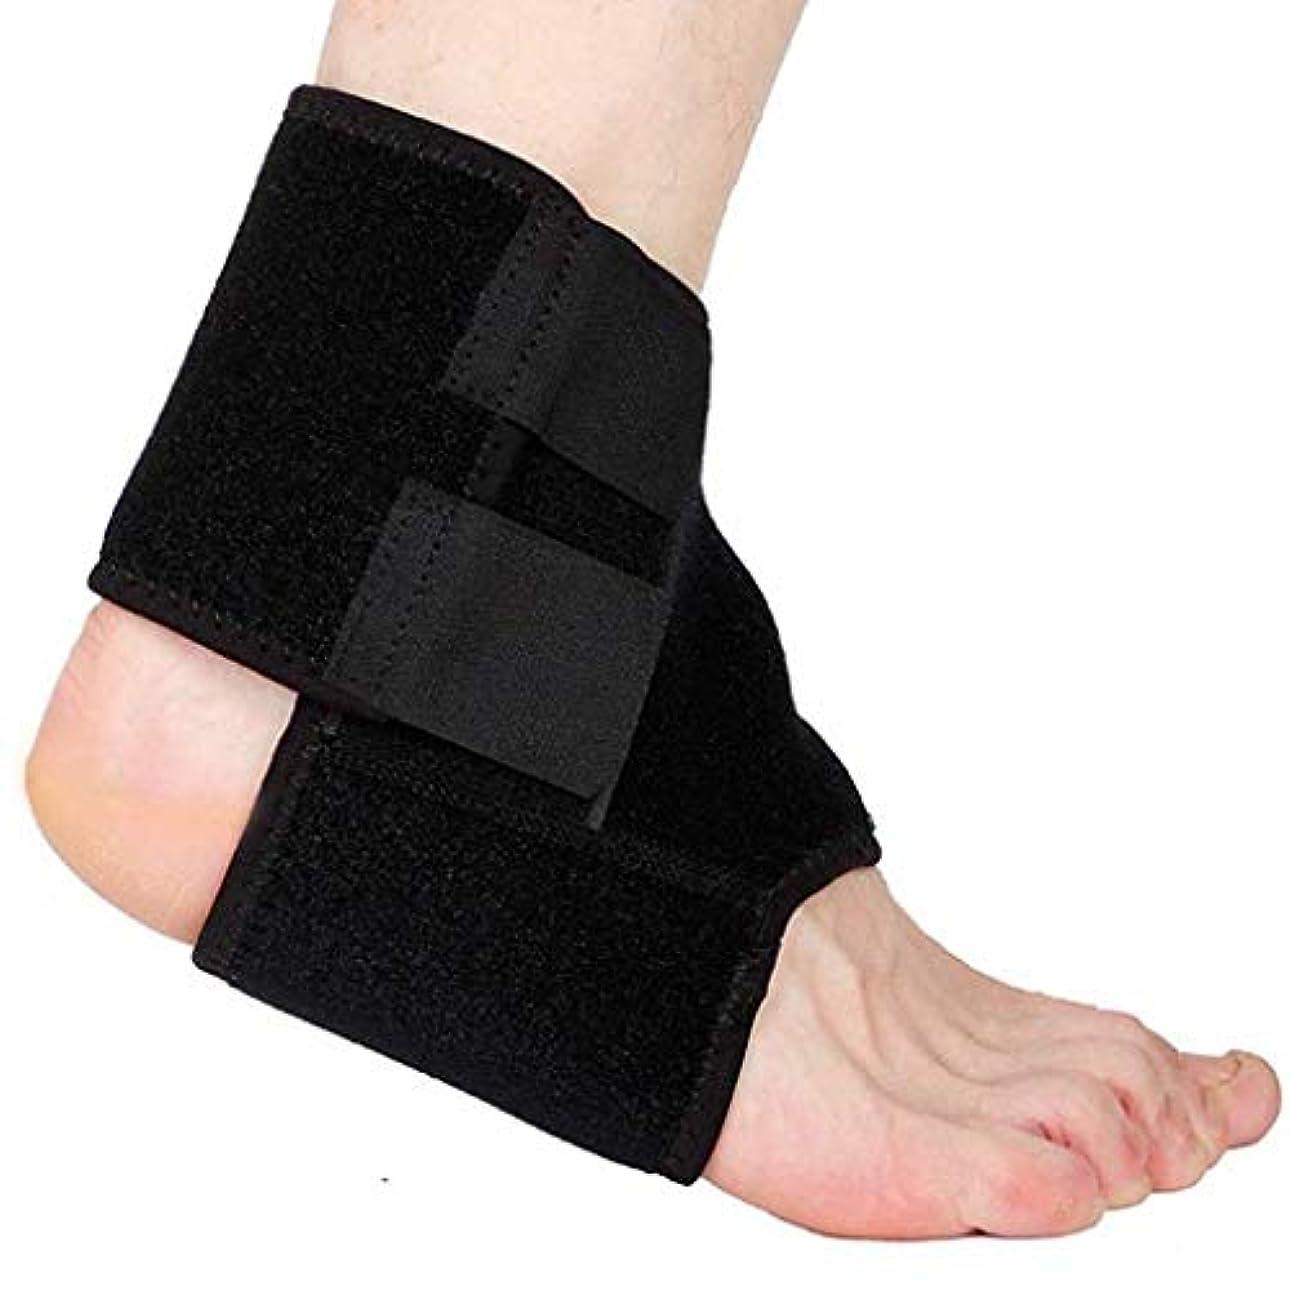 散るテクニカル頑丈足首のサポート、通気性と伸縮性のあるナイロン素材を使用した1組の足首固定具、快適な足首ラップスポーツが慢性的な足首の捻Sp疲労を防ぎます